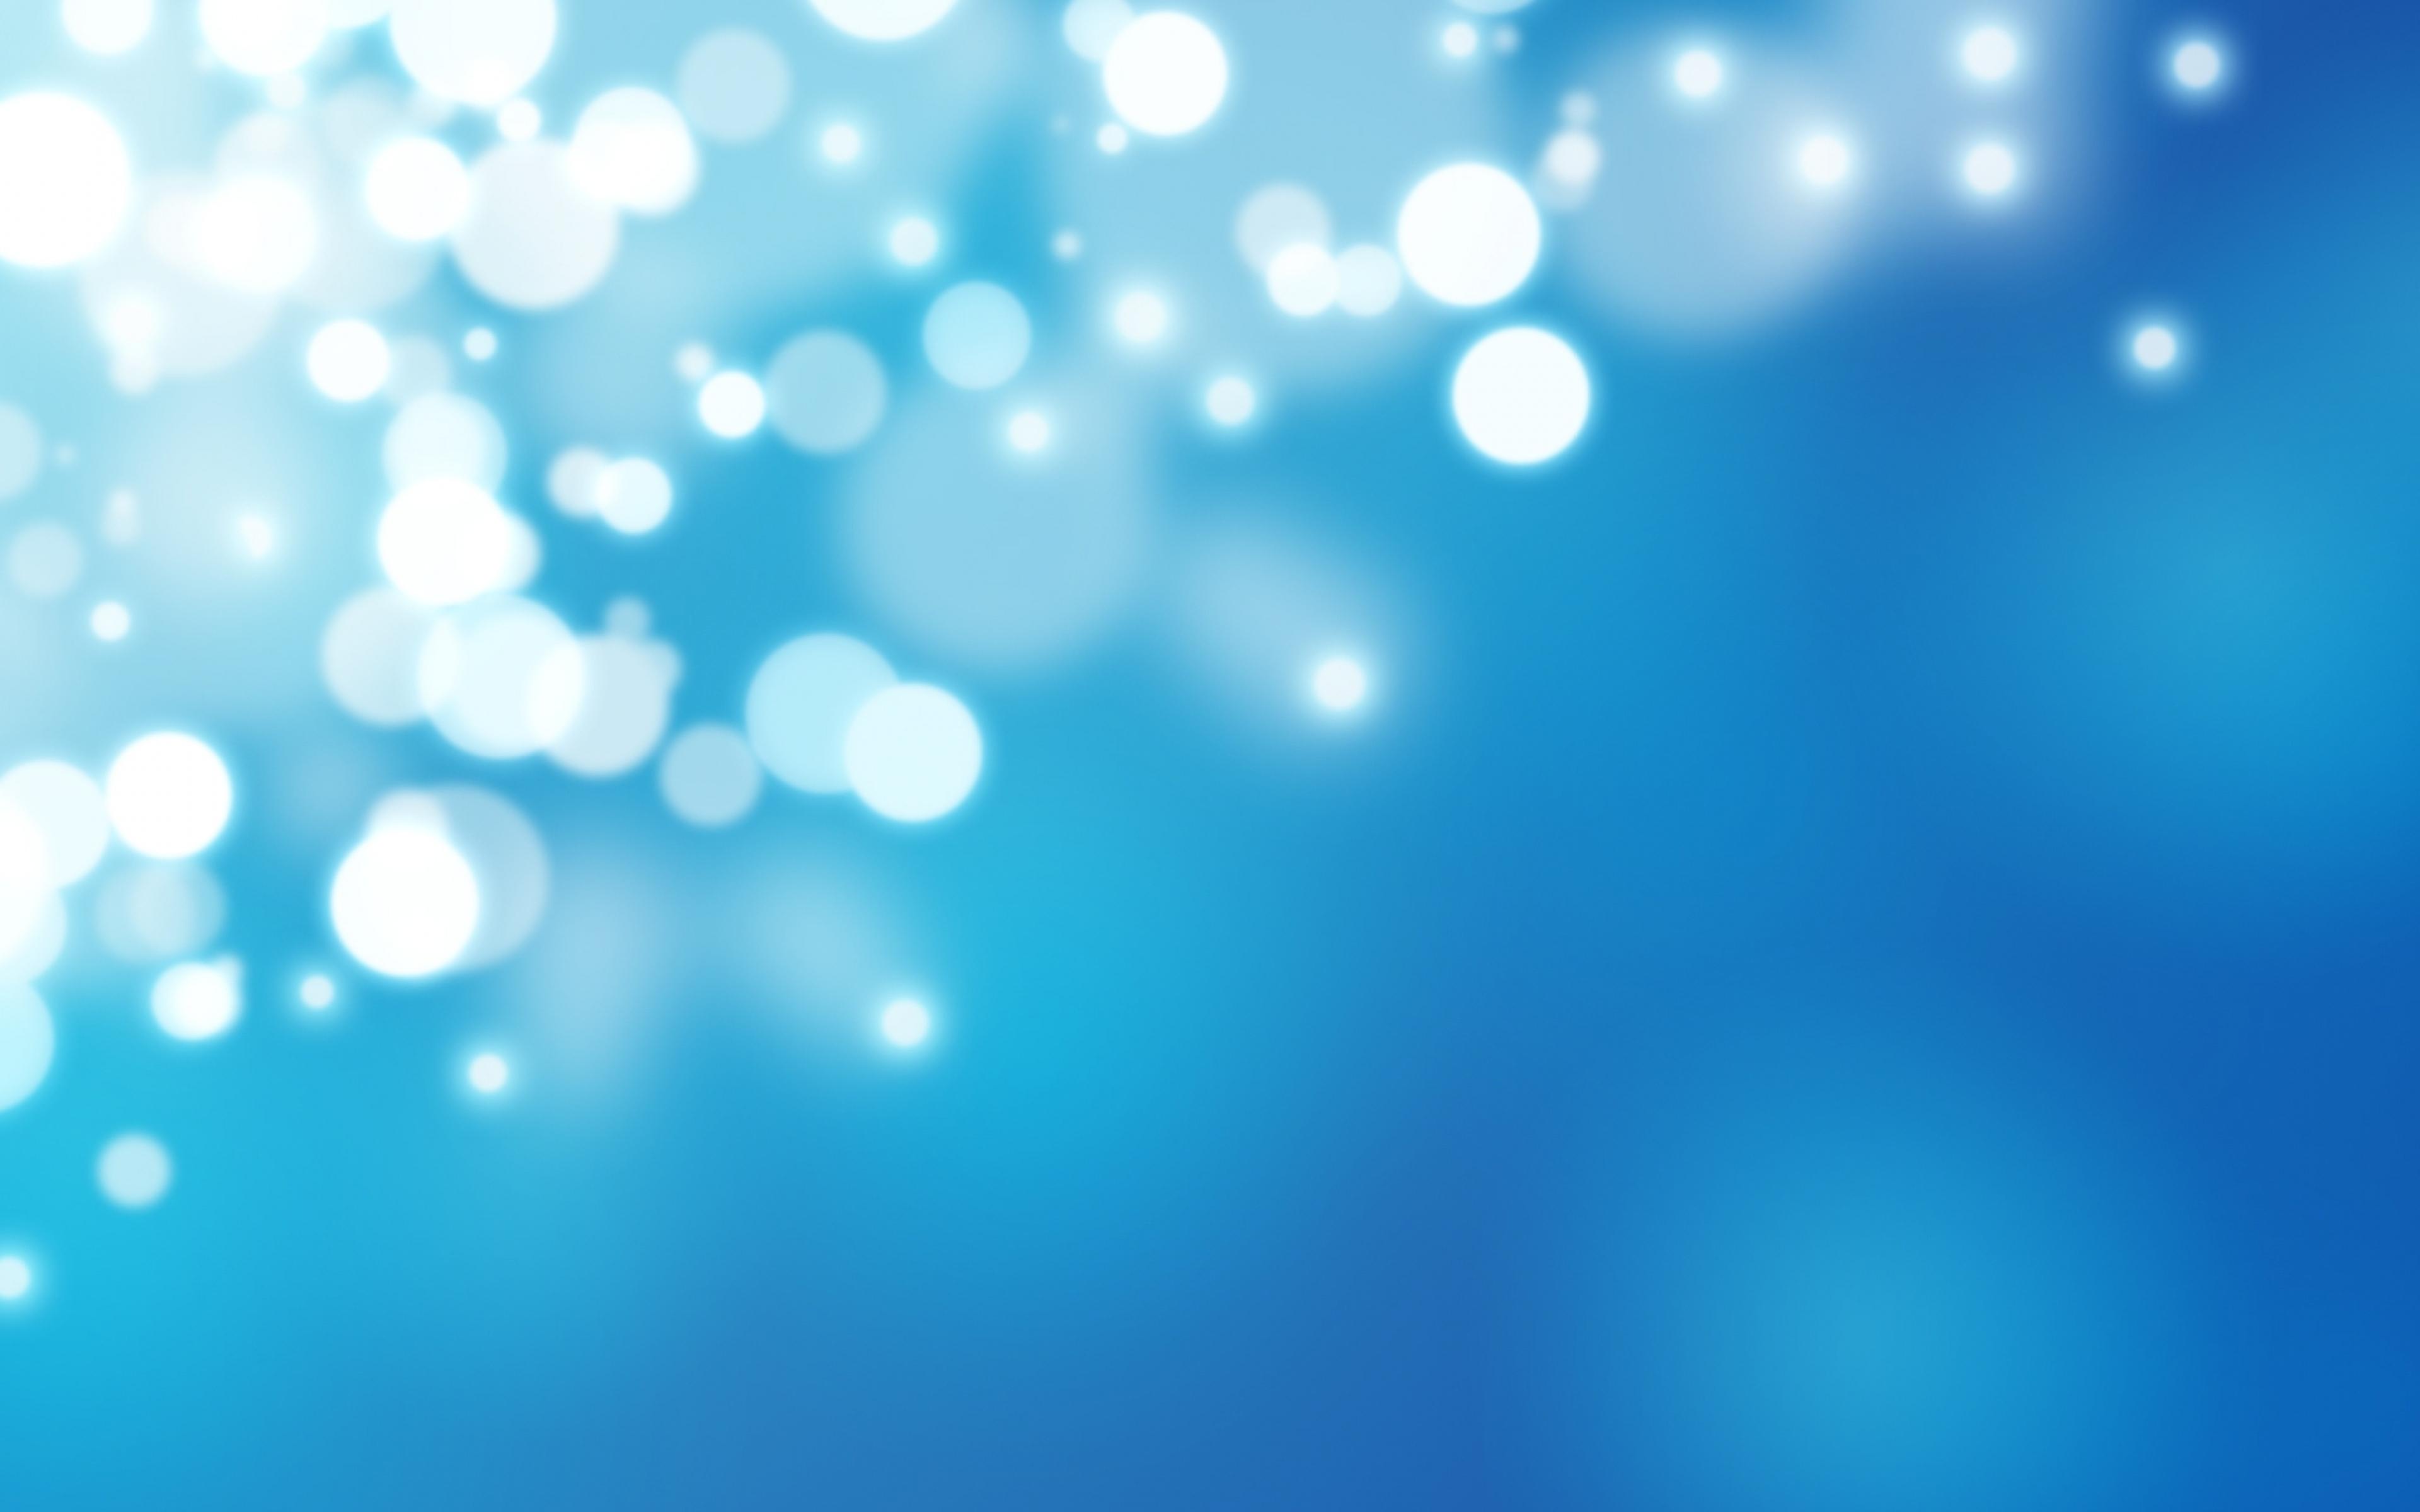 Hình nền PowerPoint nền xanh lung linh ánh sáng